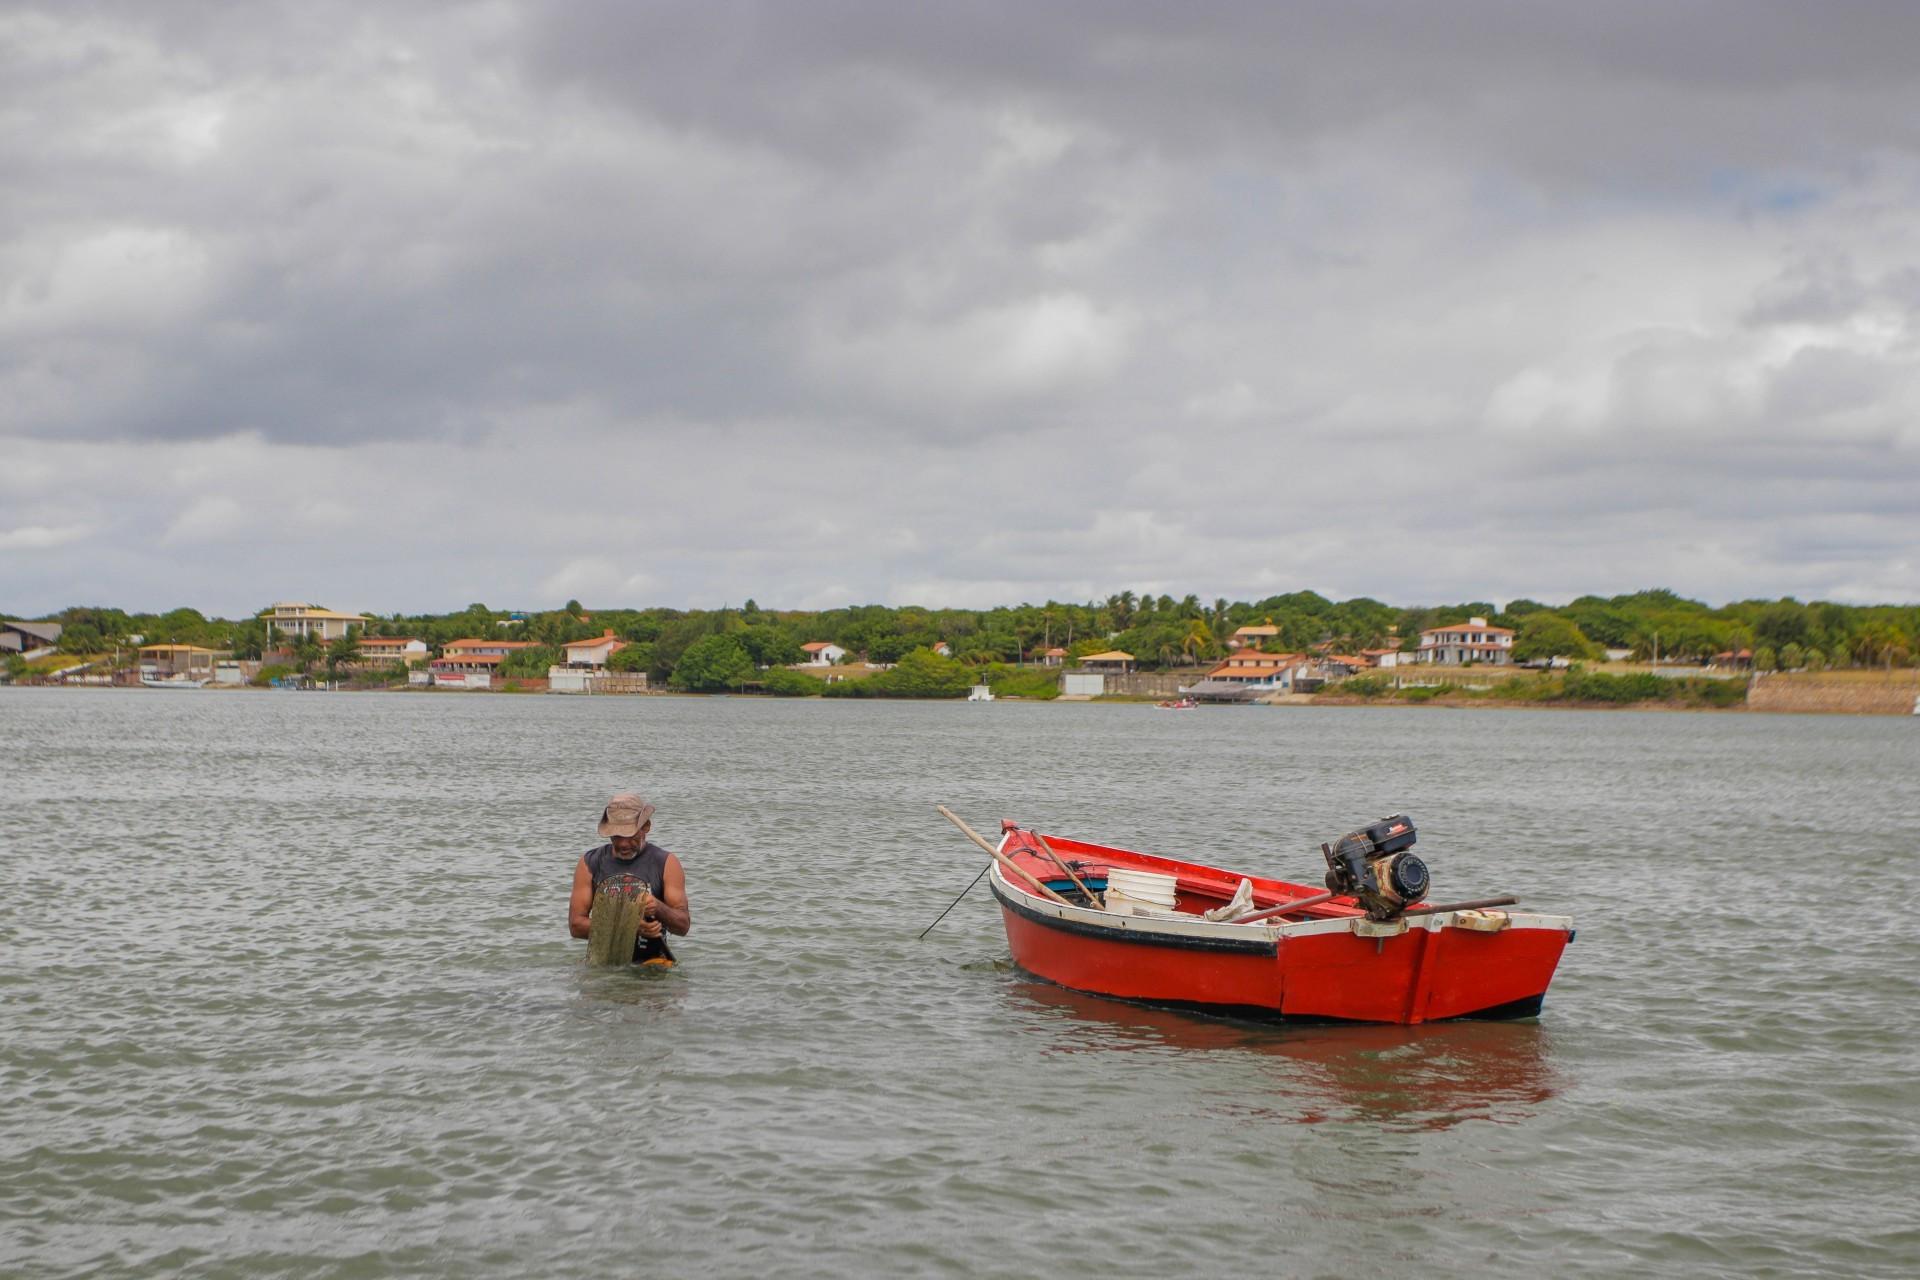 (Foto: FCO FONTENELE)Fortim, Ce, BR - 12.08.21 Década dos Oceanos - Rio Jaguaribe no município de Fortim (Fco Fontenele/O POVO)